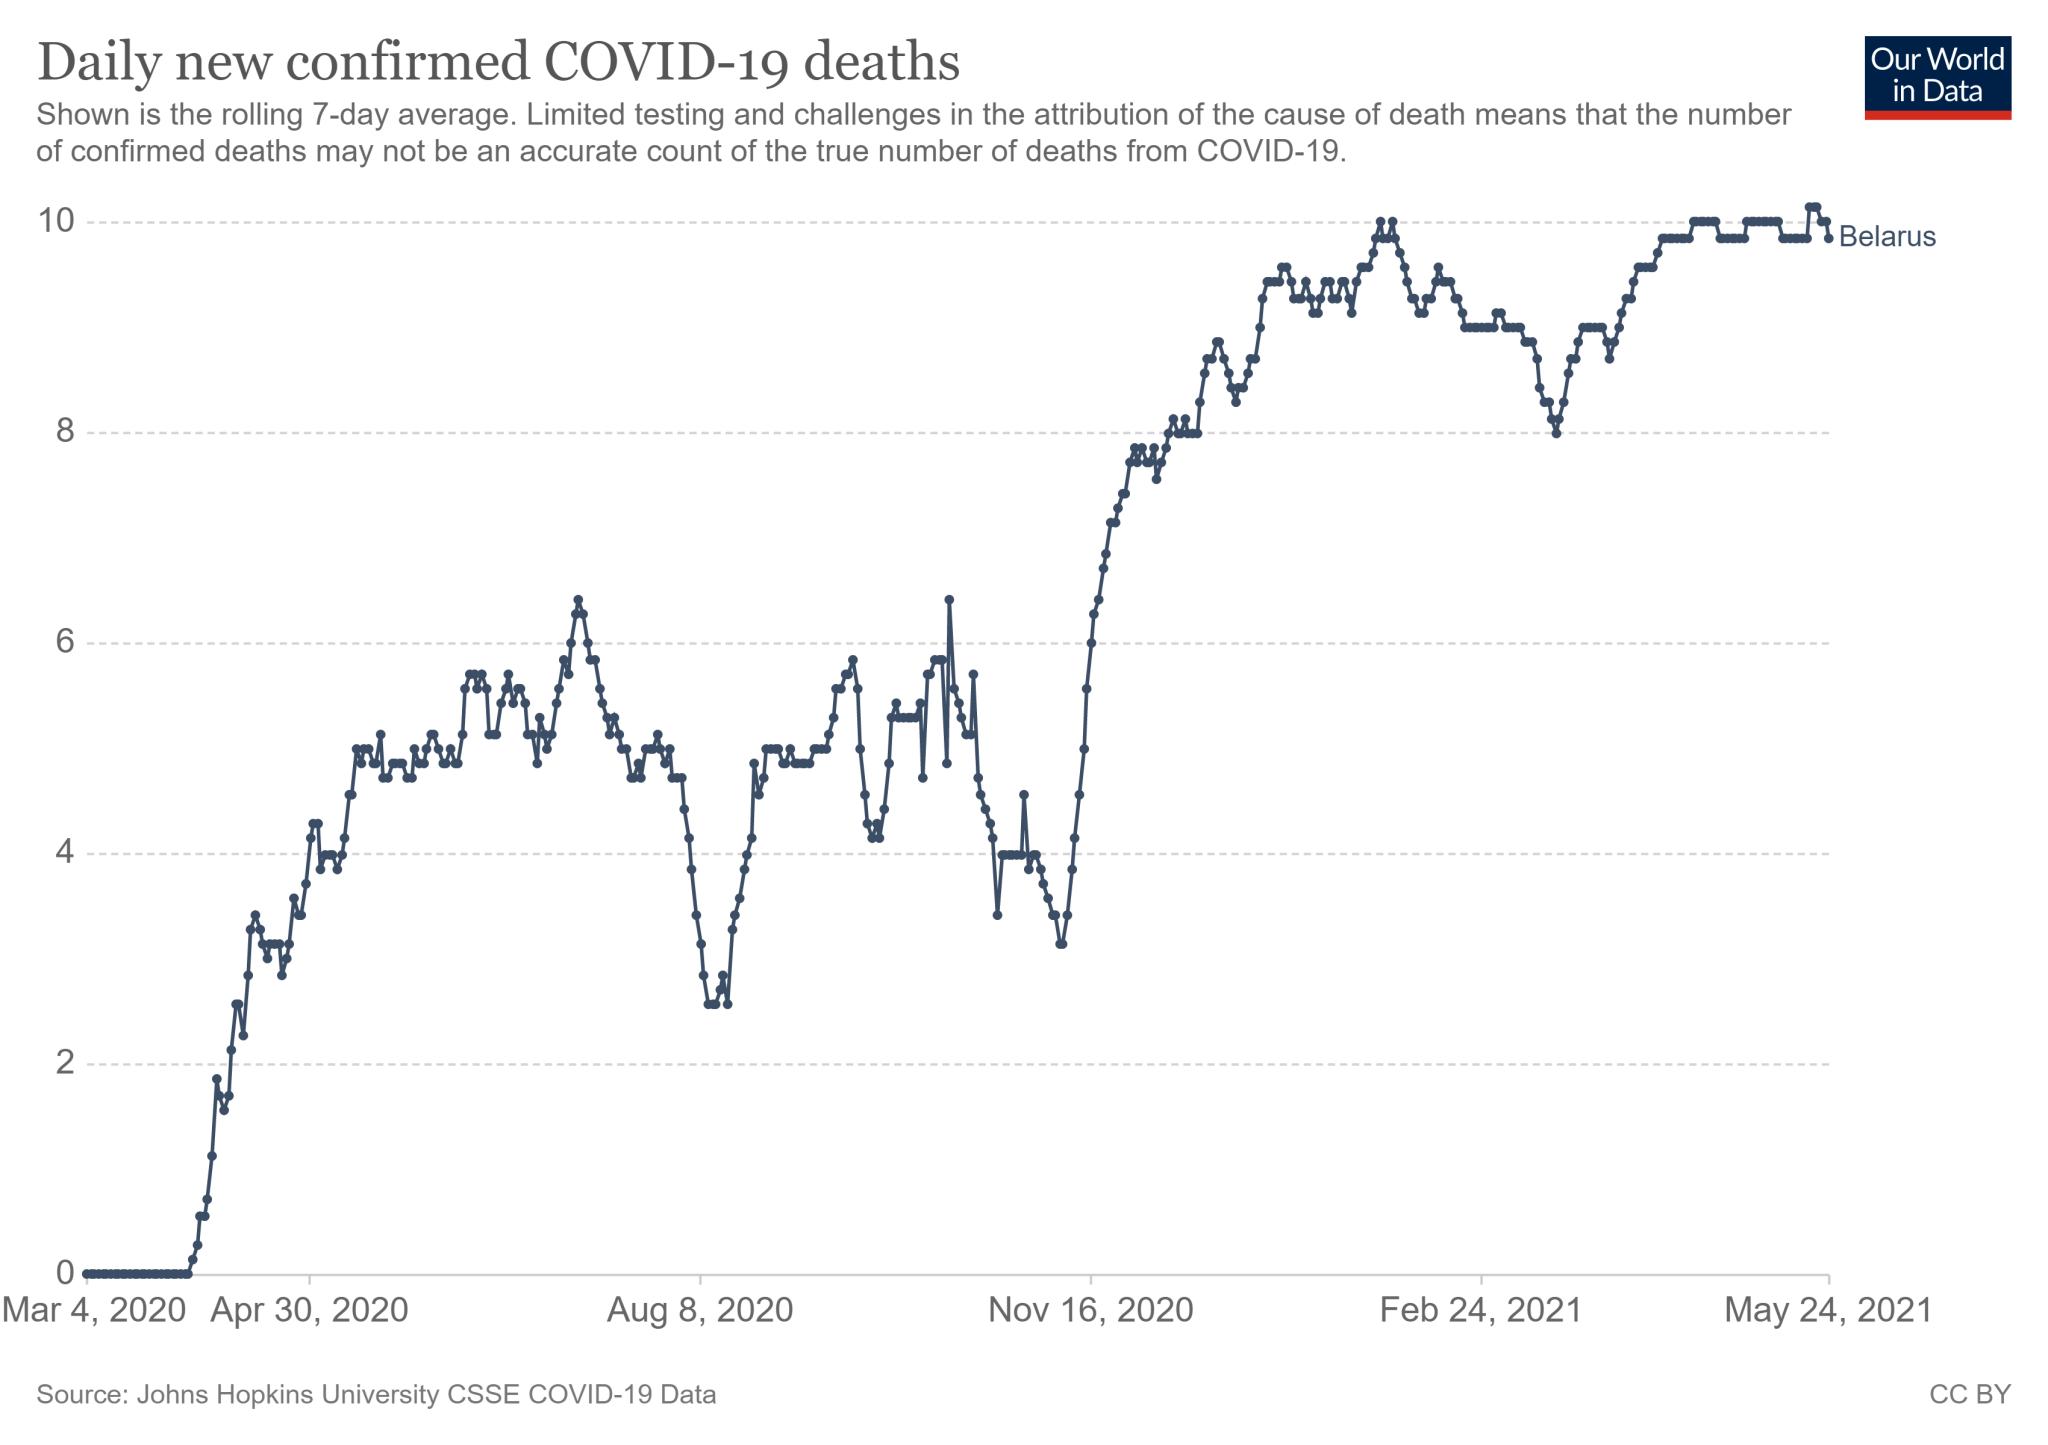 Średnia siedmiodniowa zgonów z COVID-19 w Białorusi od 4 marca 2020 roku do 24 maja 2021 roku